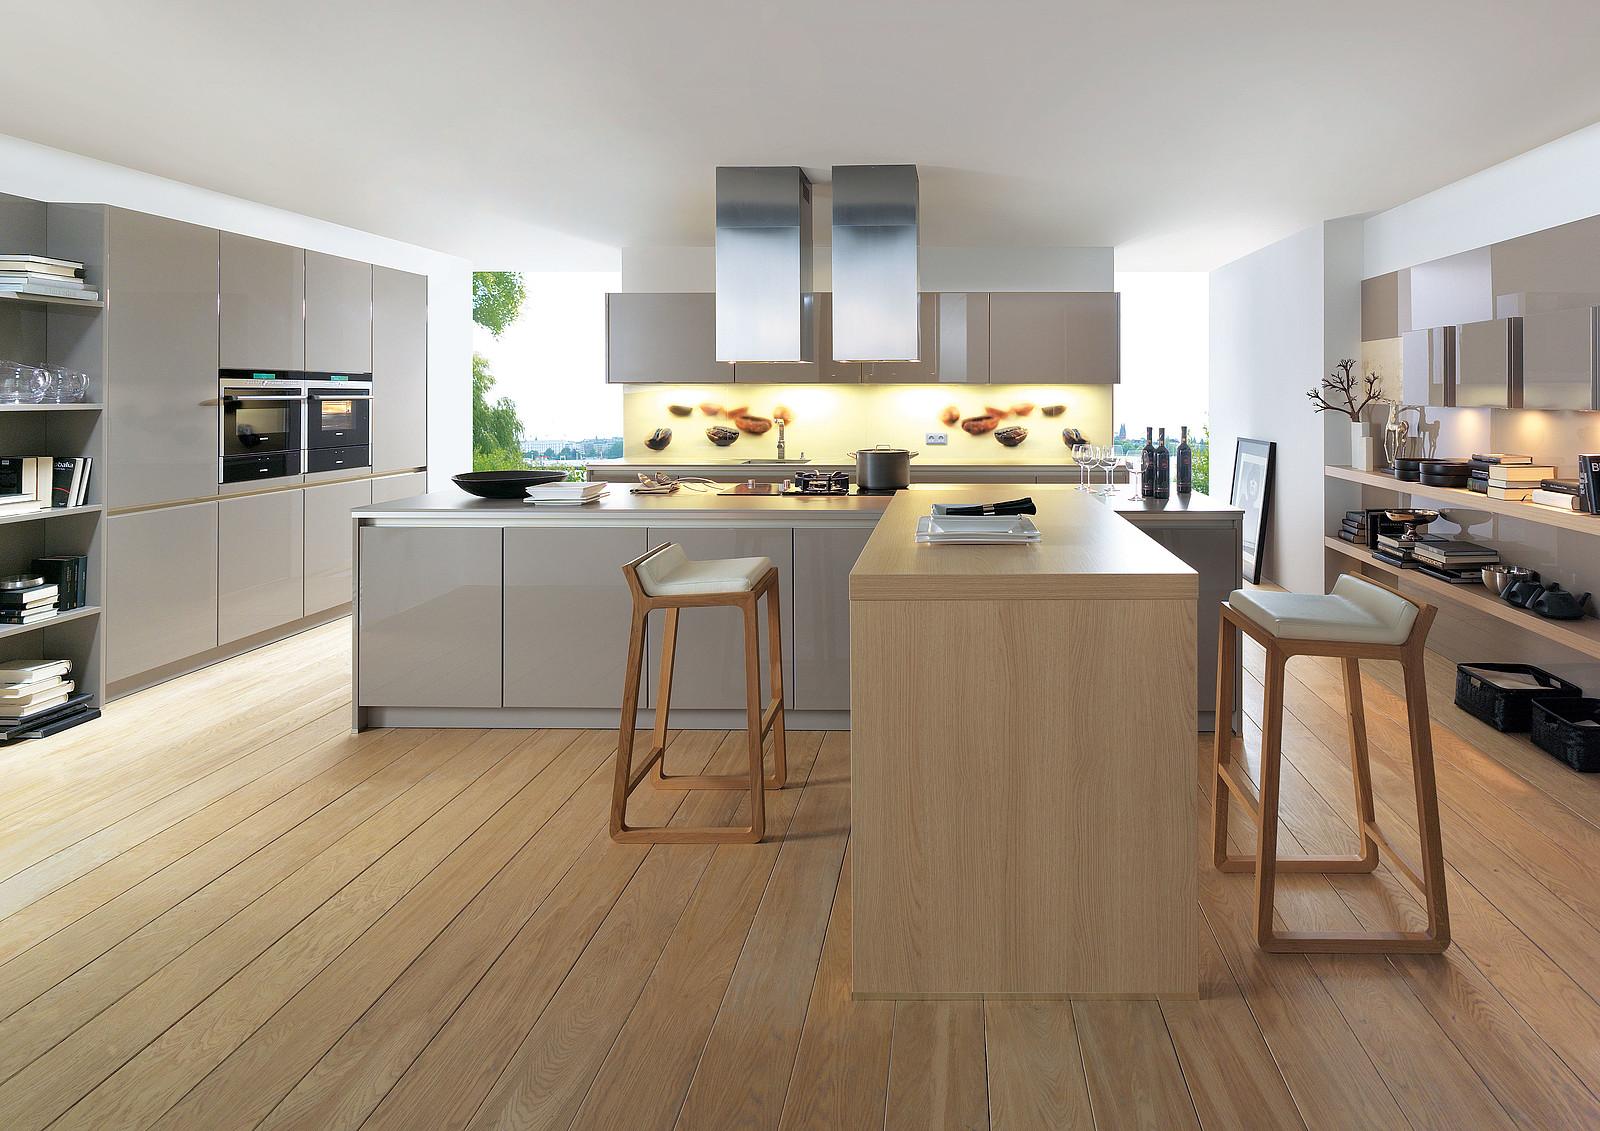 Full Size of Kchenrckwand Holz Laminat Badezimmer Im Bad Für In Der Küche Fürs Wohnzimmer Küchenrückwand Laminat